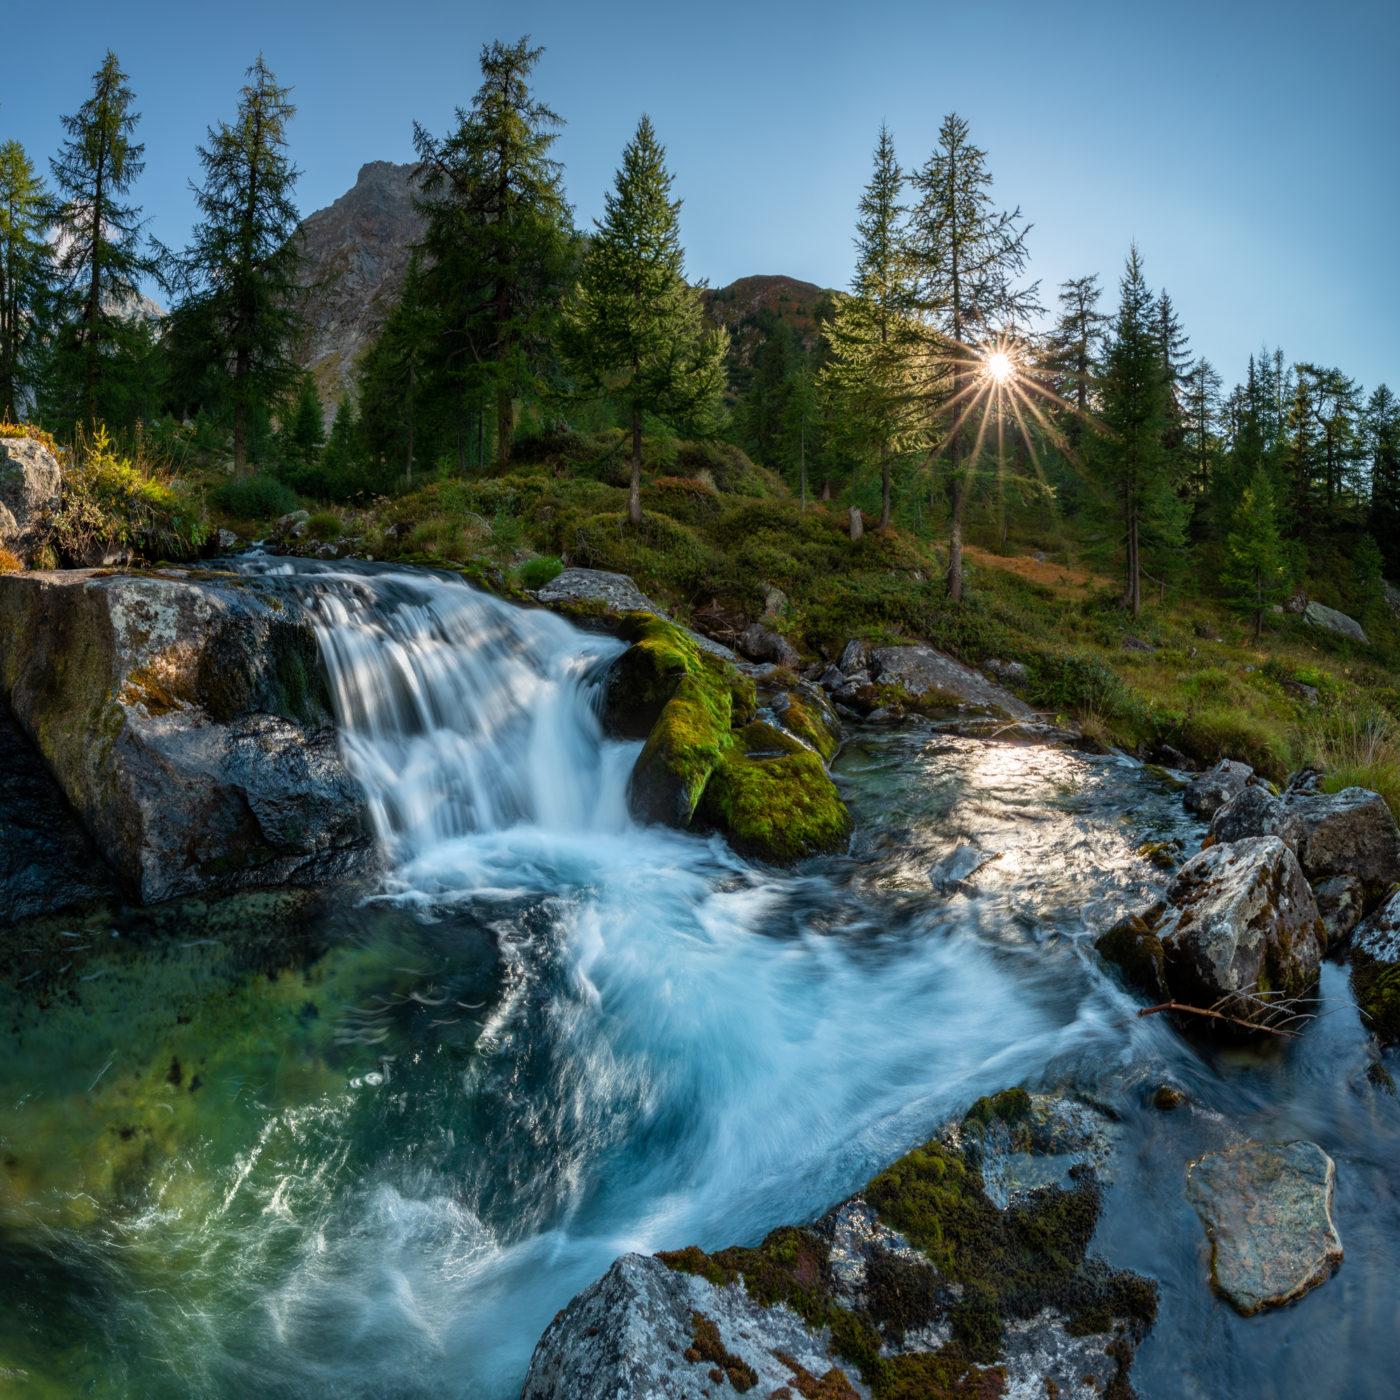 Een schitterende Waterval   Landschapsfotograaf Harmen Piekema